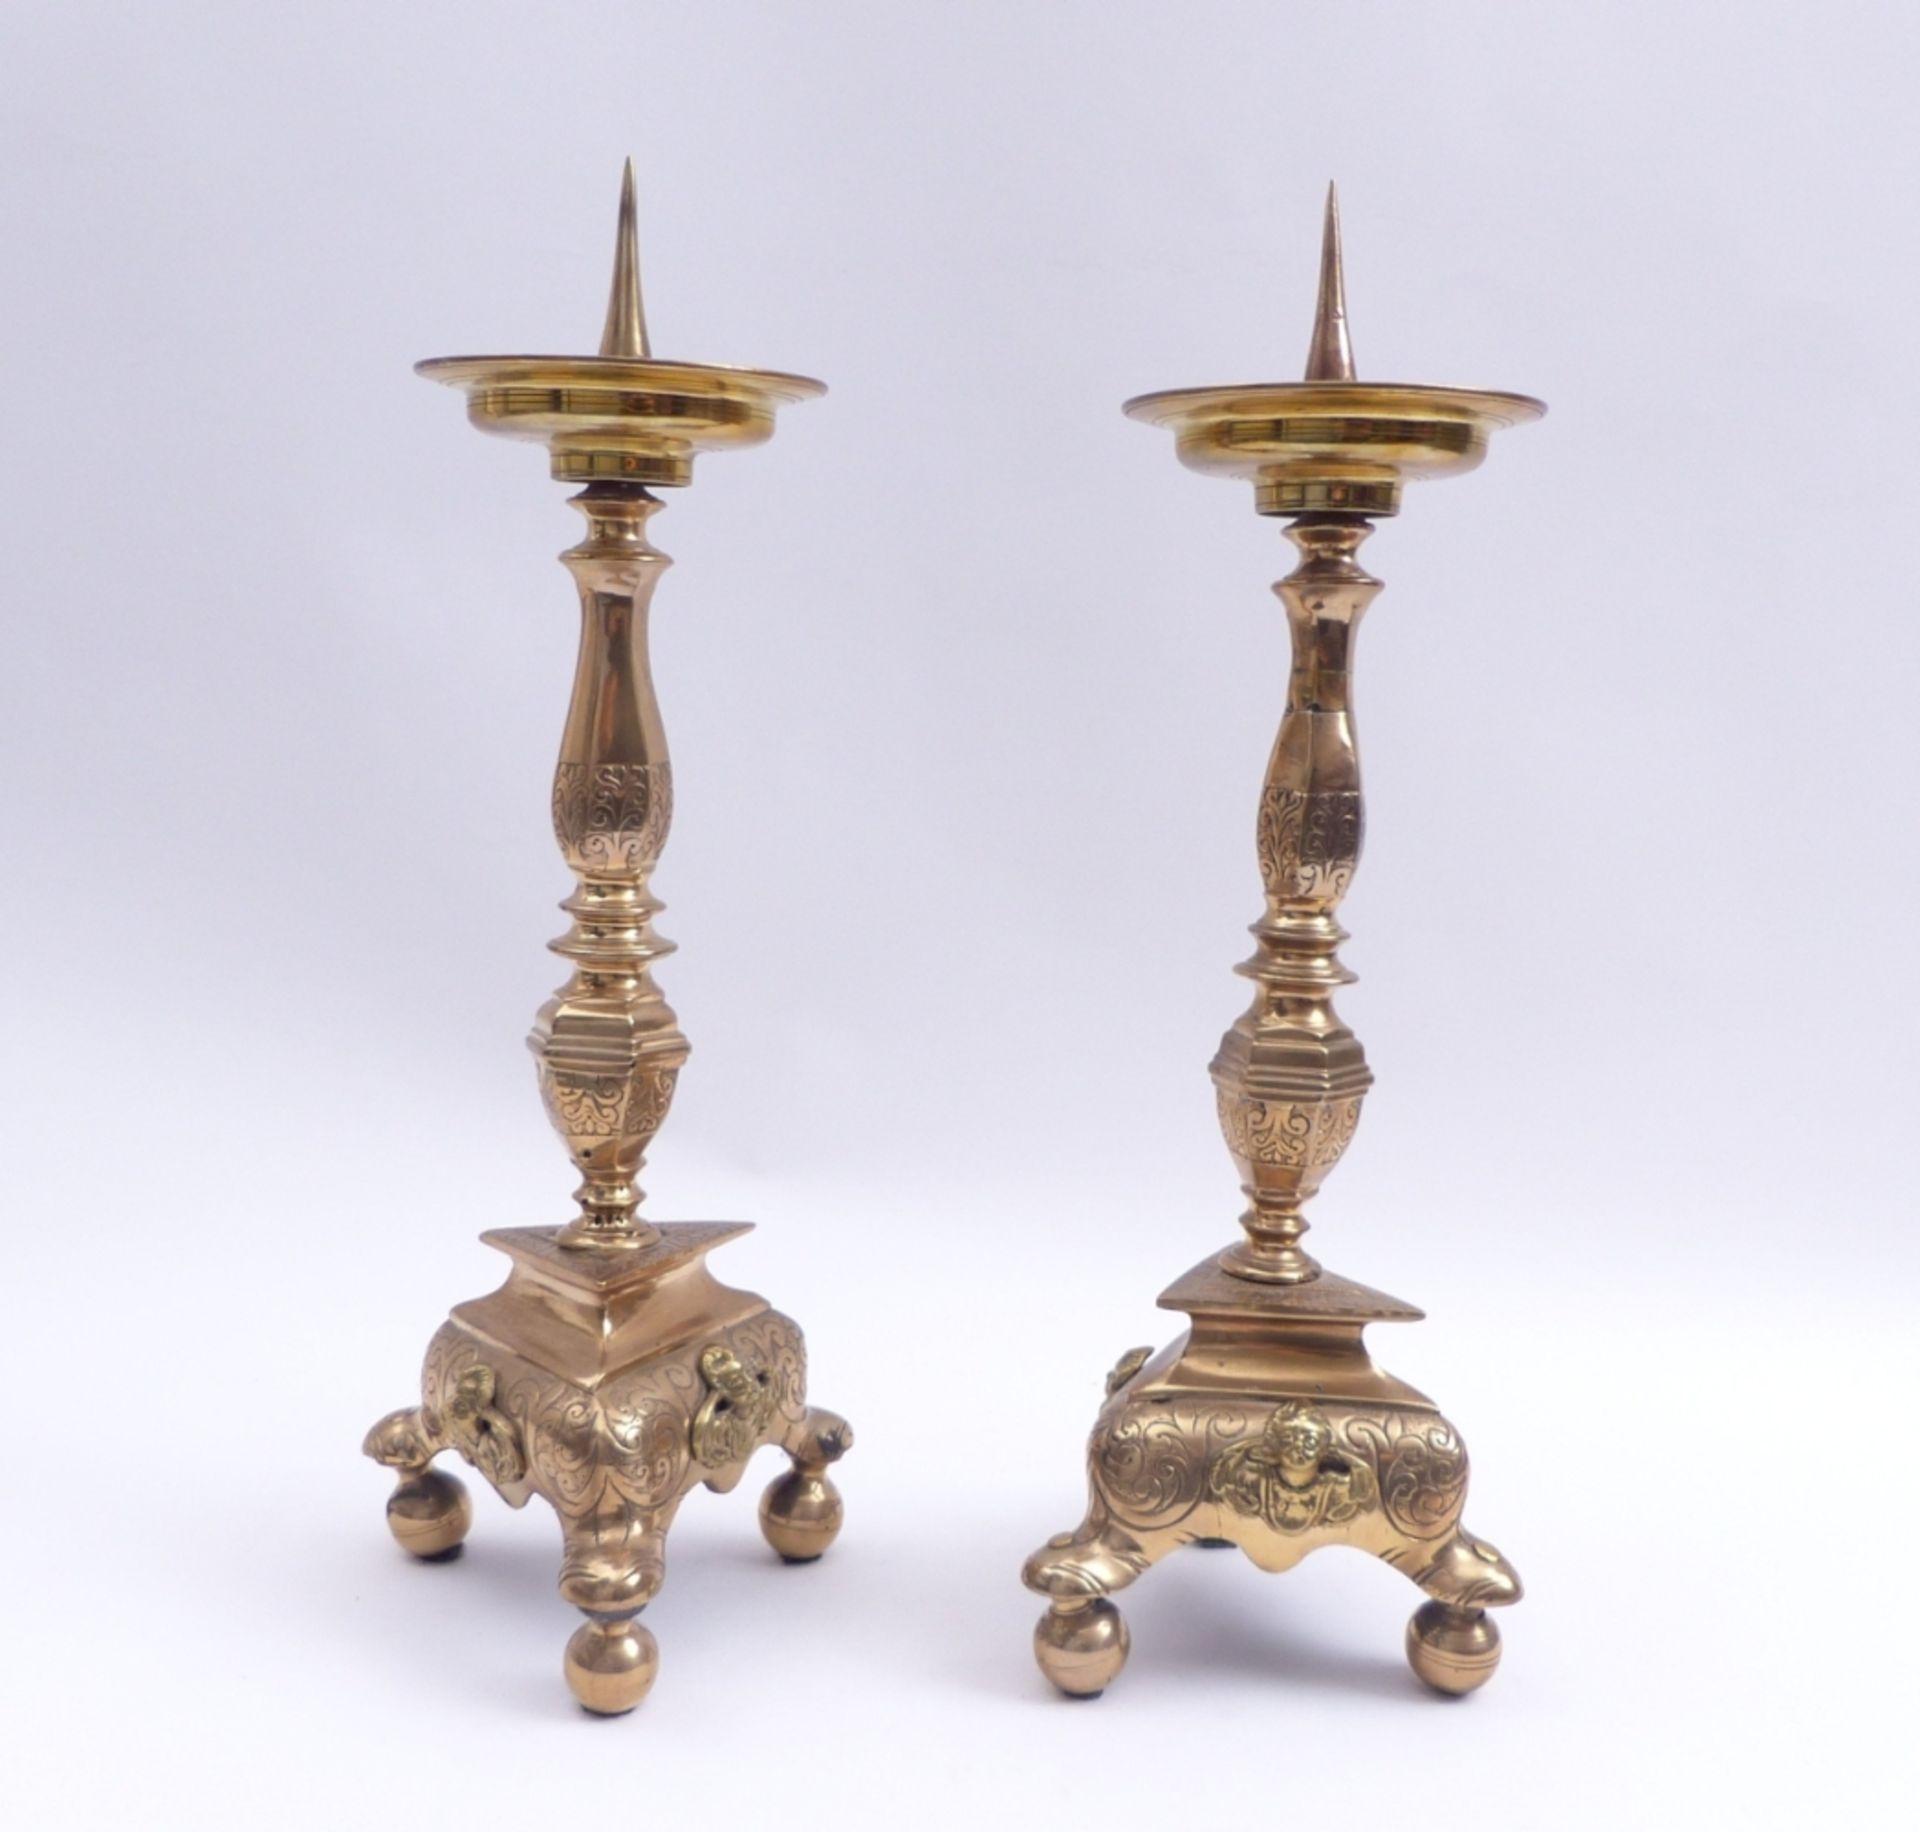 Paar Altarleuchter - Bild 3 aus 4